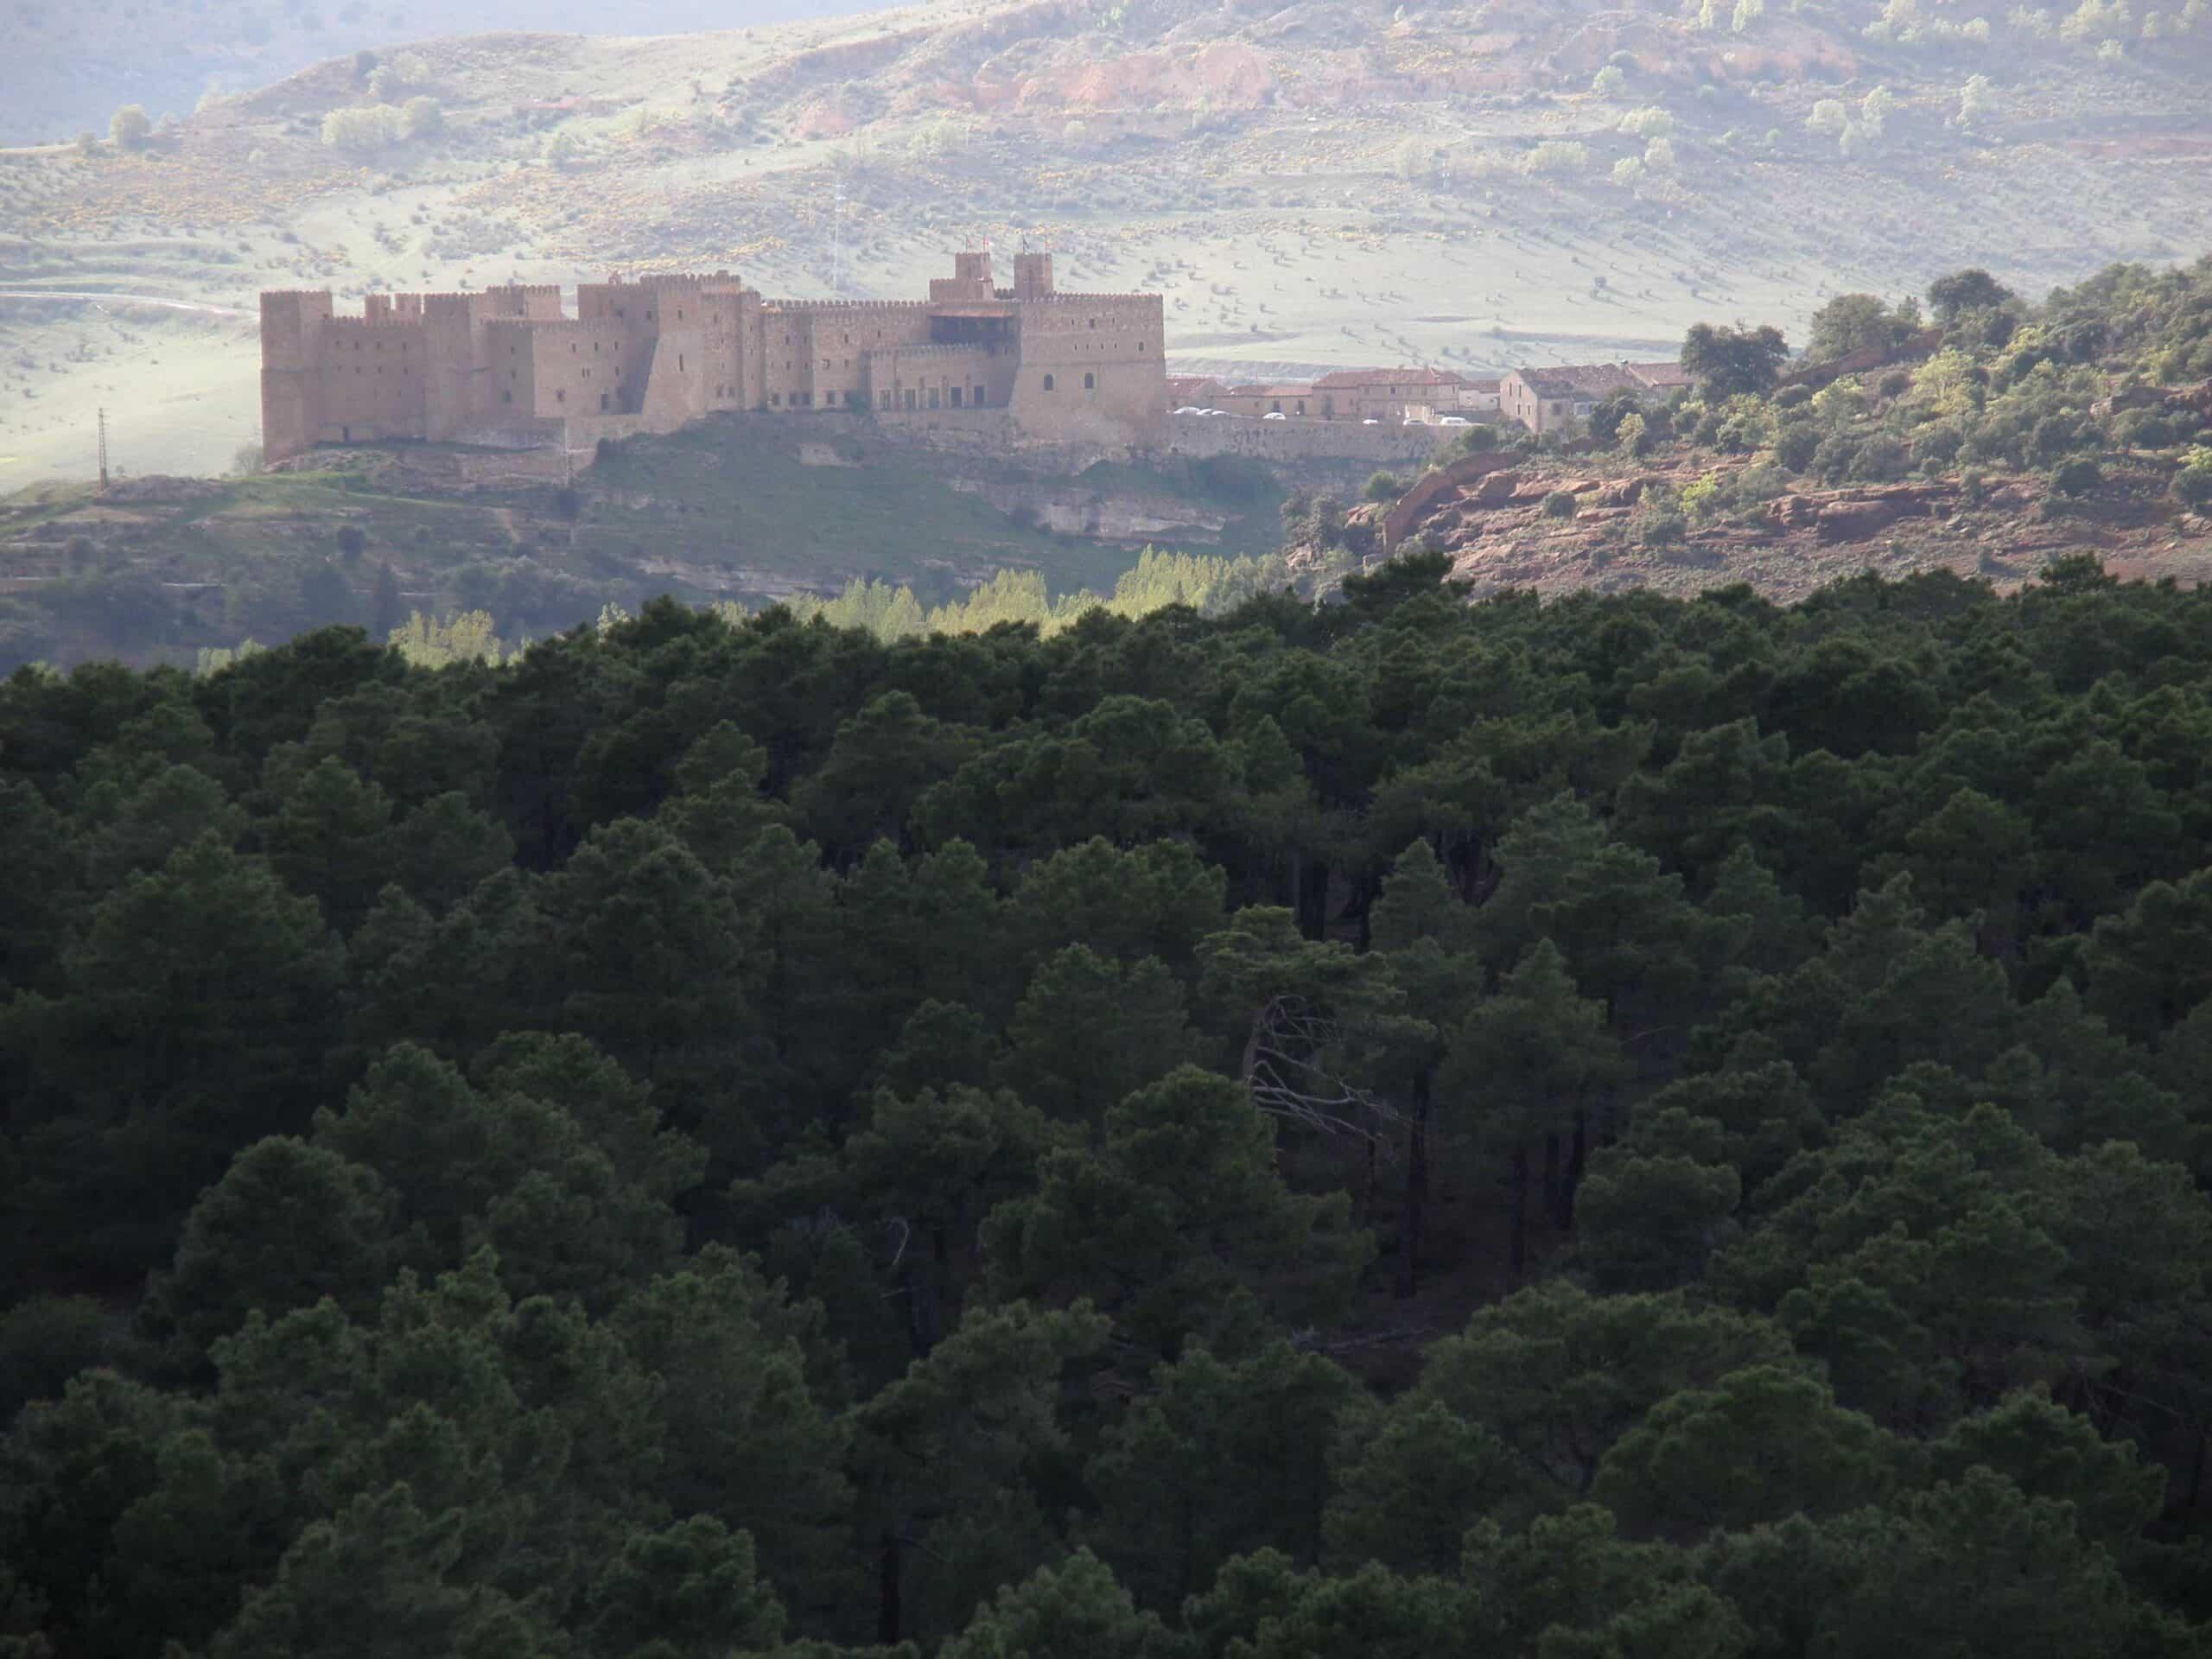 El Patrimonio Natural de la Red Medieval invita a respirar en medio de la historia 7